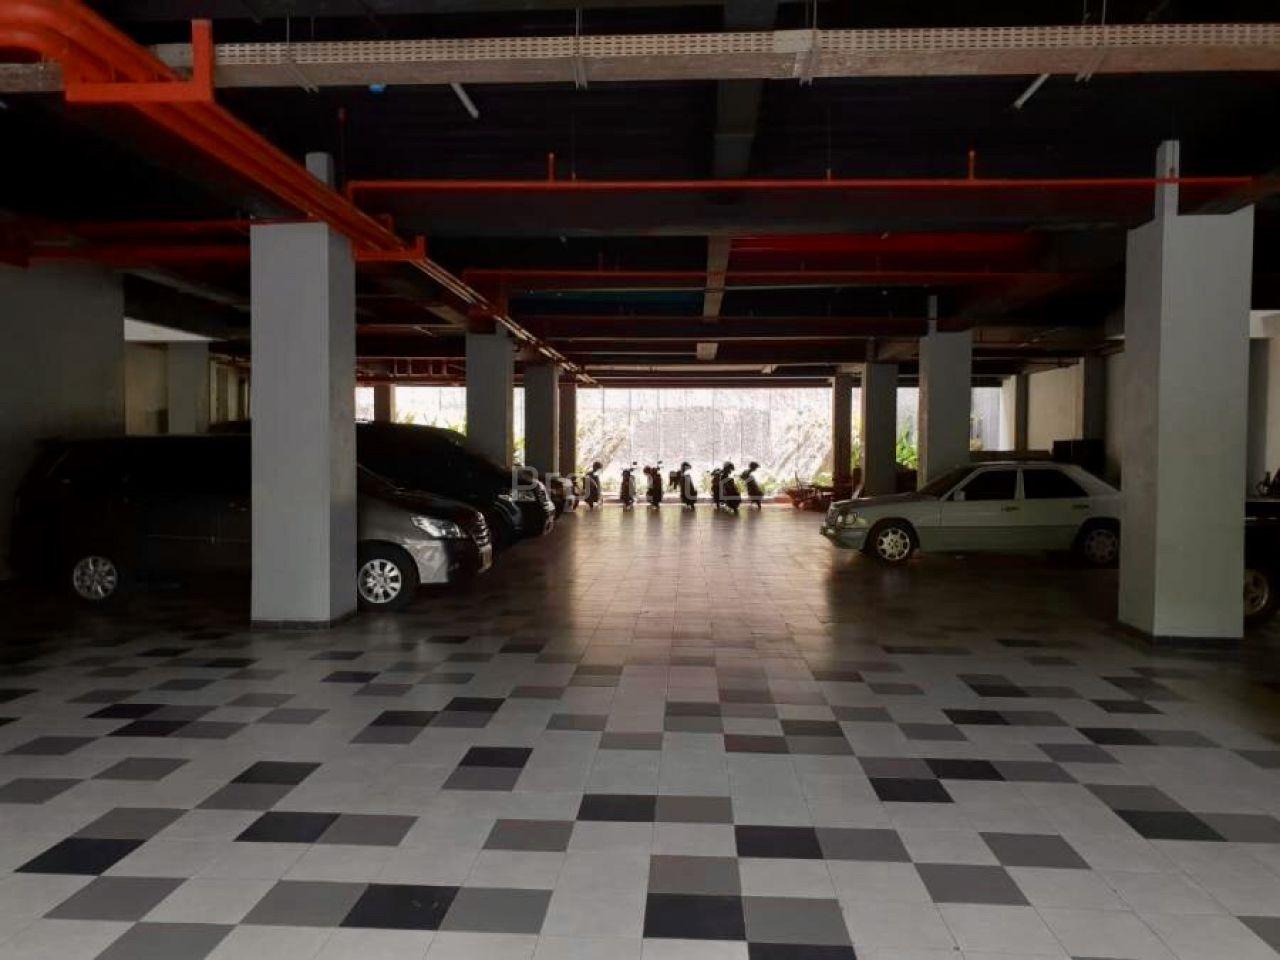 Gedung Baru di Kebon Sirih, Menteng, Jakarta Pusat, DKI Jakarta